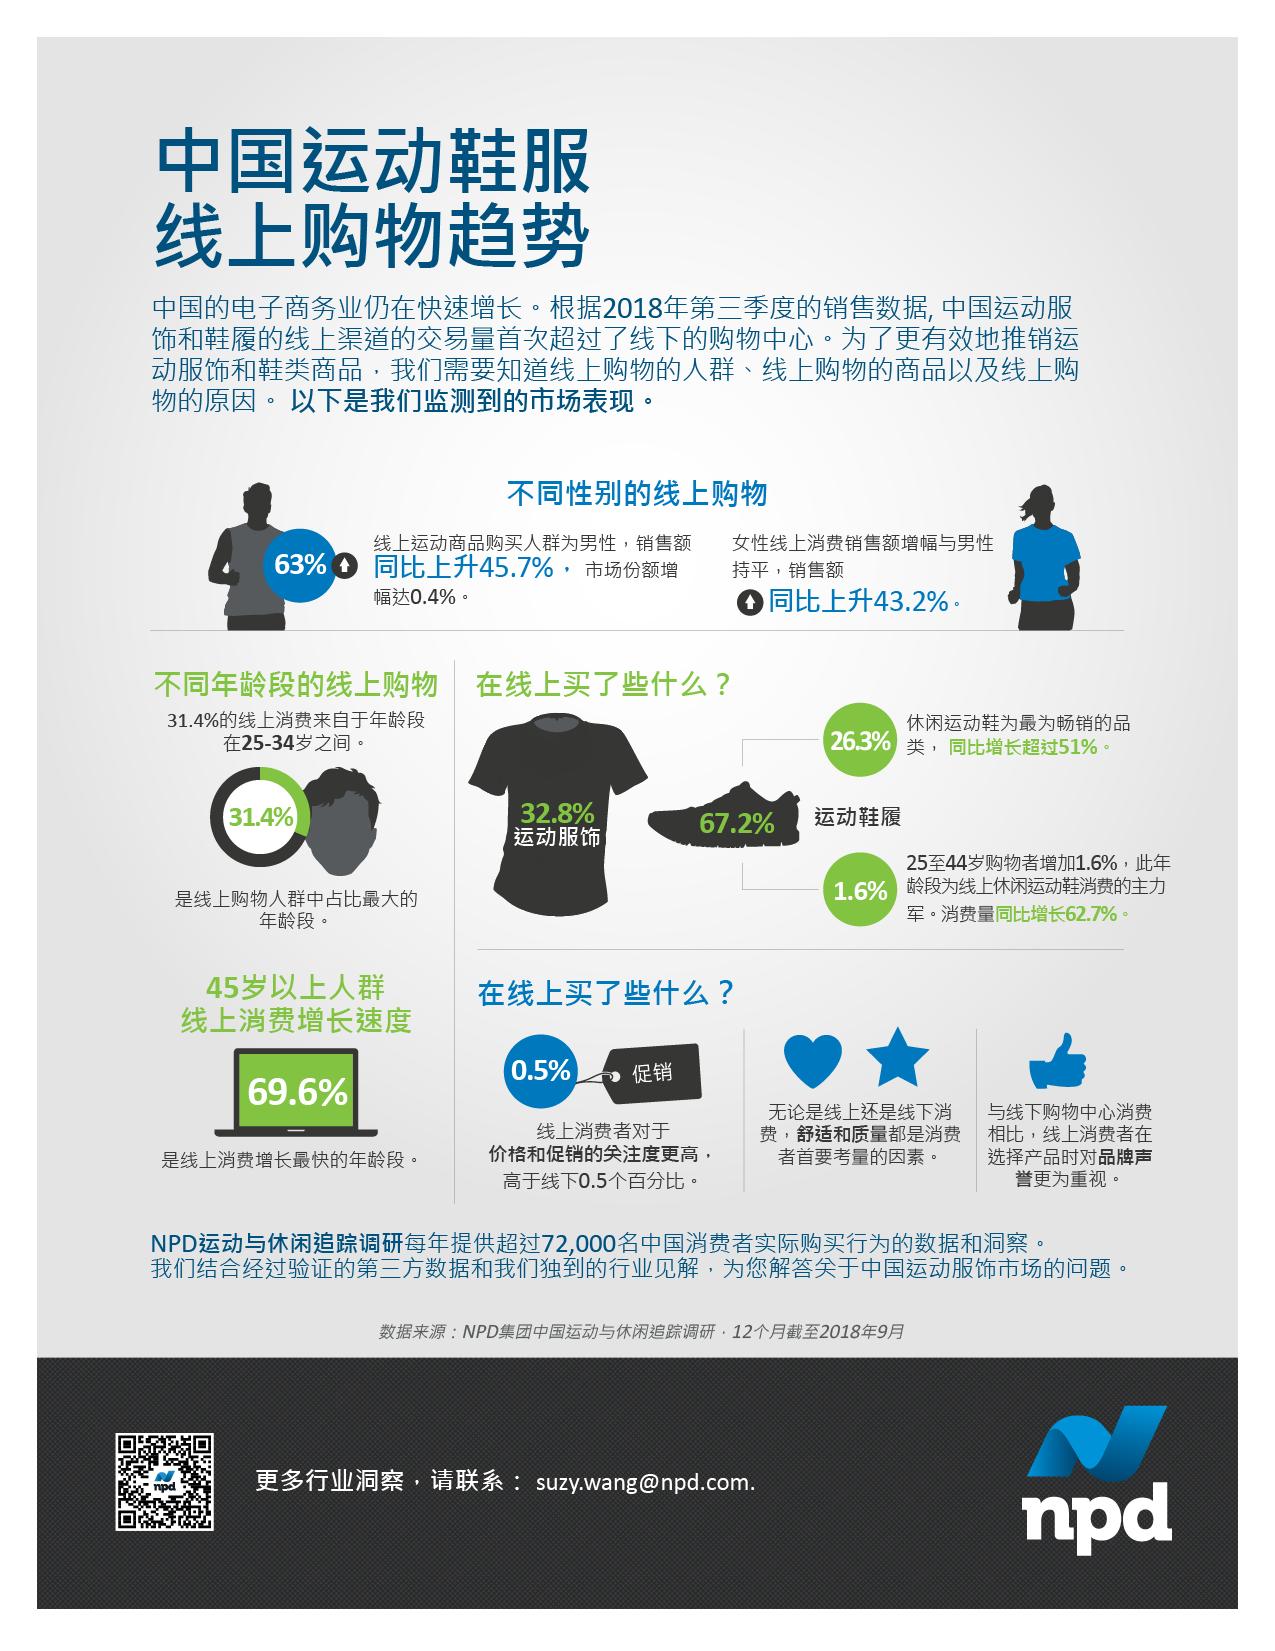 根据2018年第三季度的销售数据, 中国运动服饰和鞋履的线上渠道的交易量首次超过了线下的购物中心。